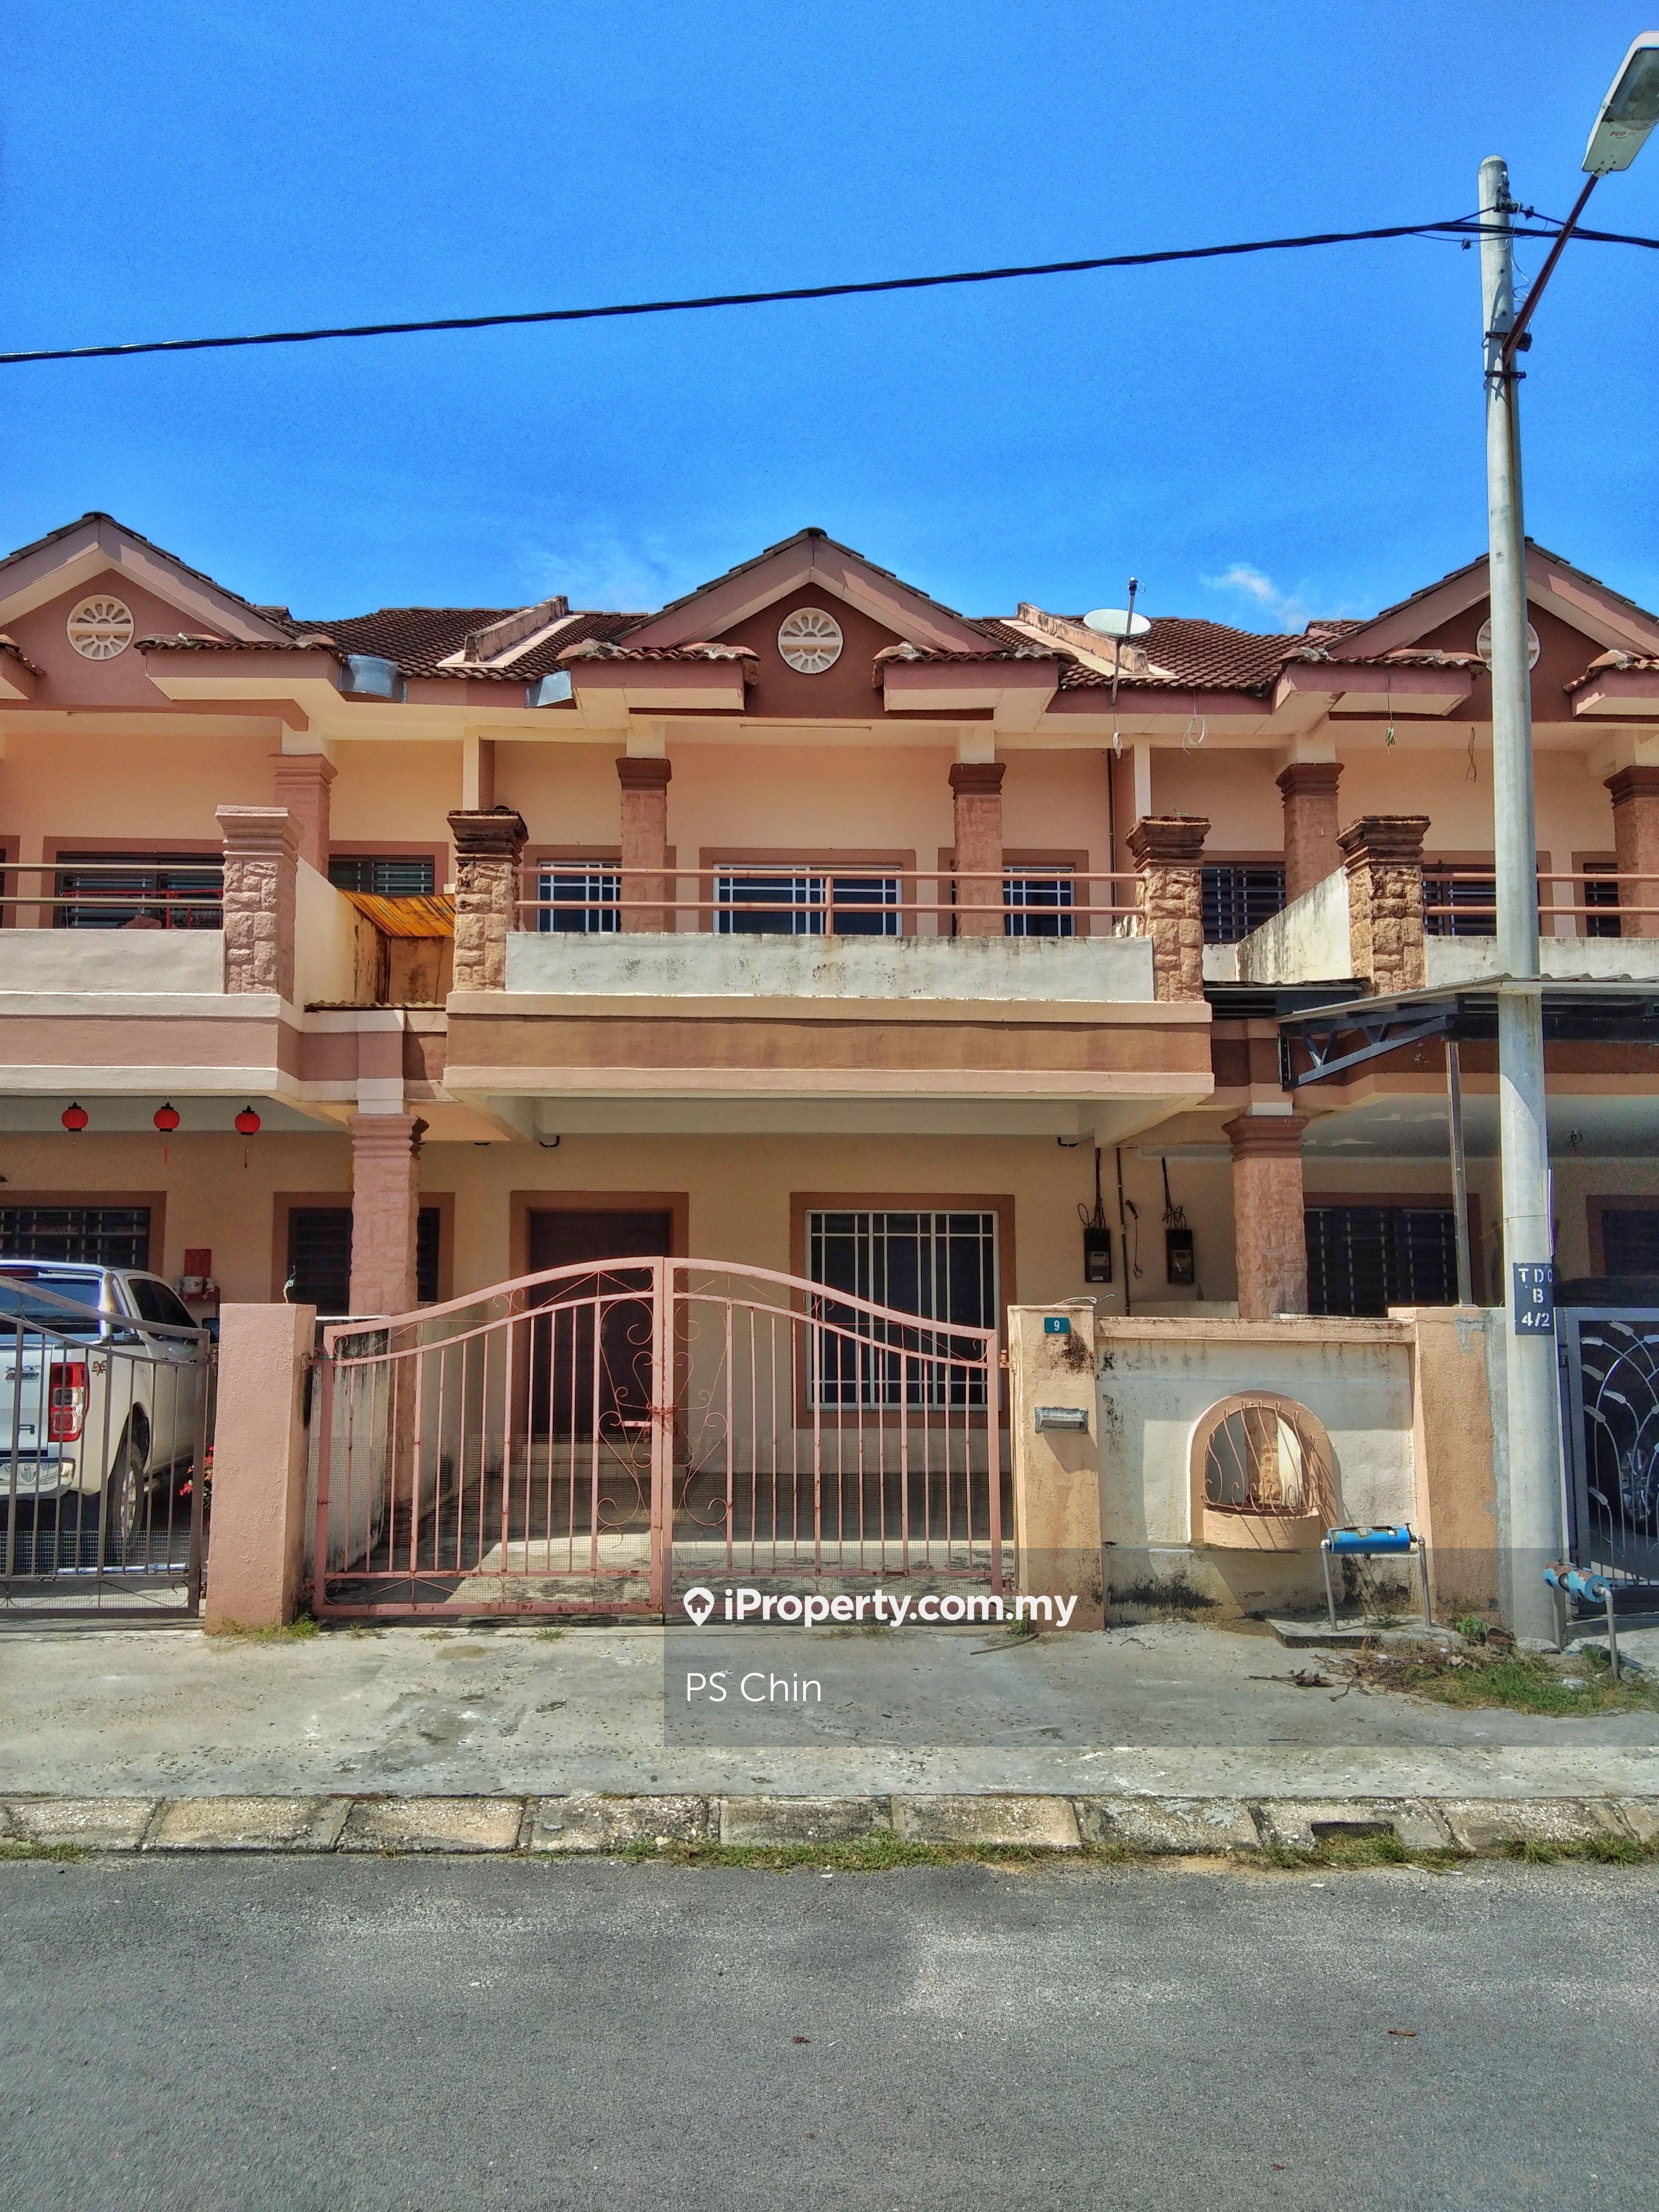 Gopeng, Taman Desa Cahaya, Gopeng